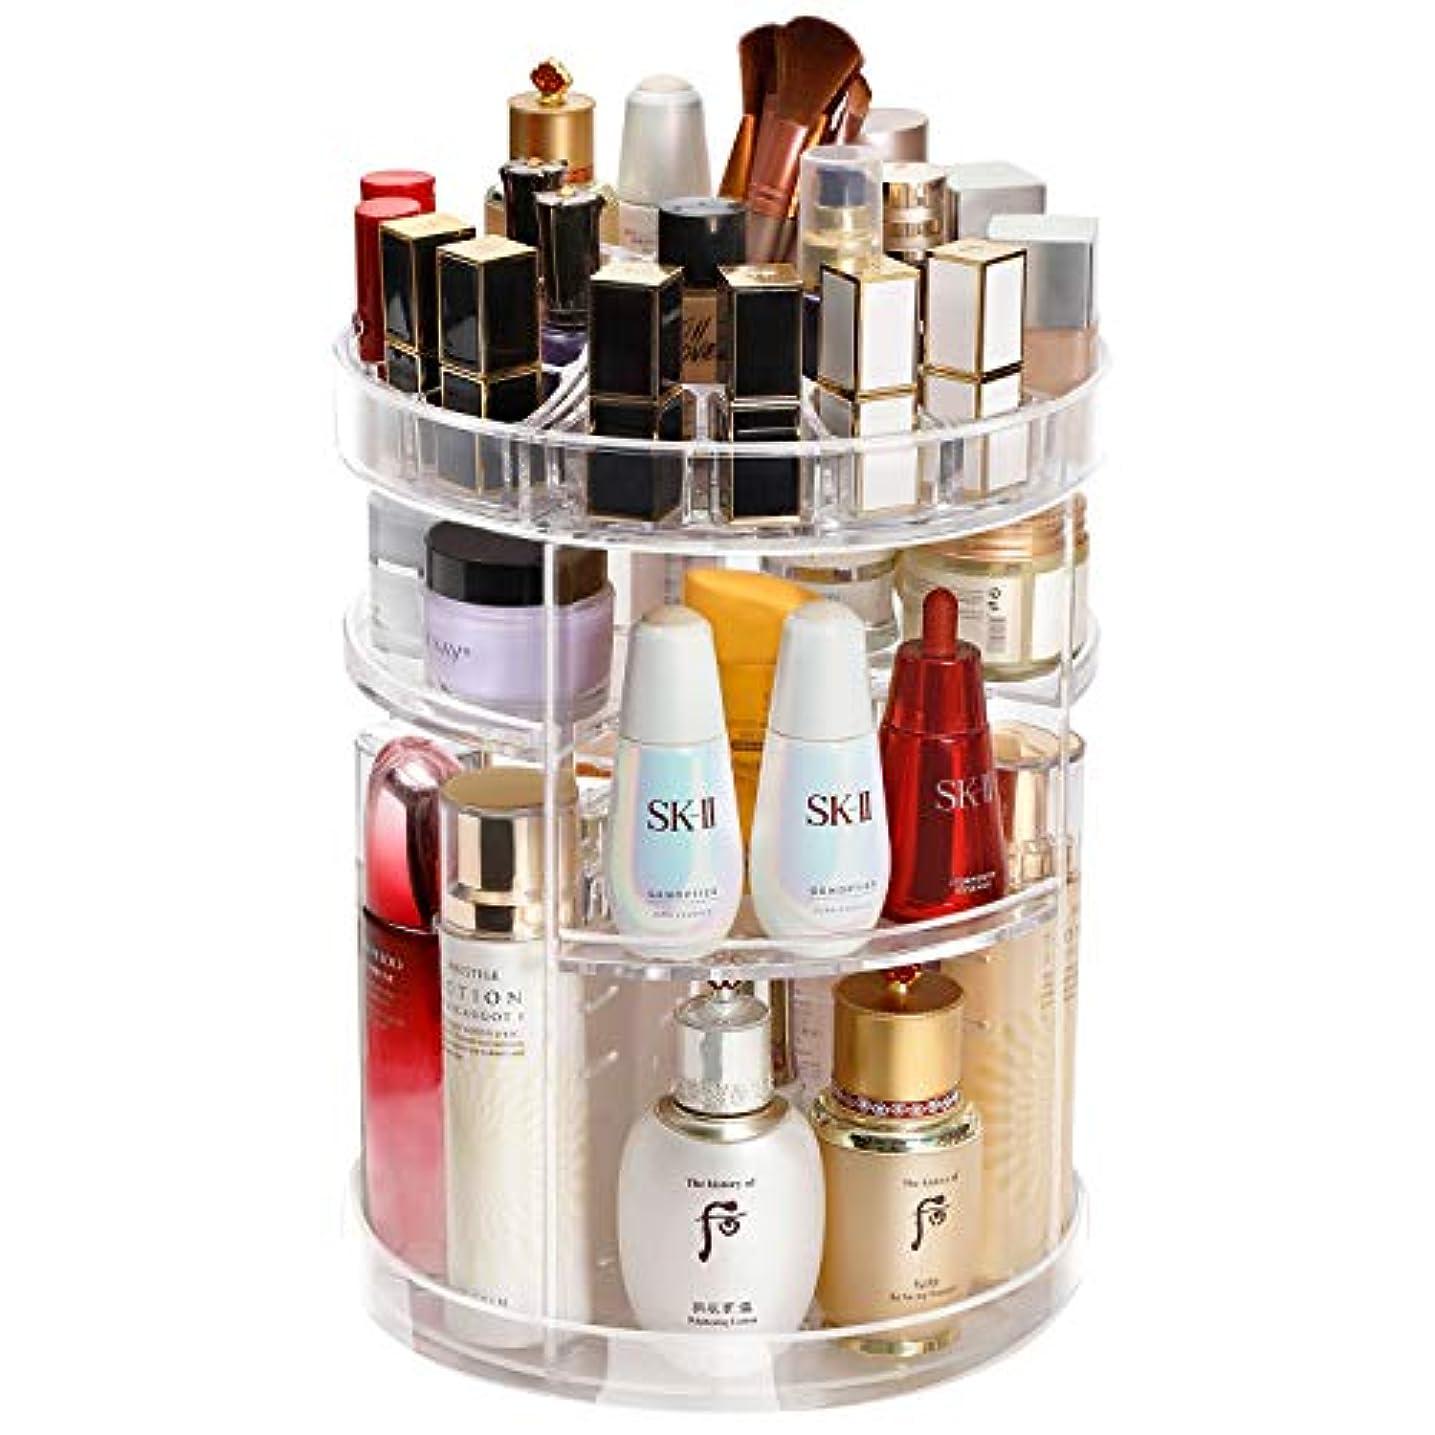 安価な会議ストレスの多い化粧品収納ボックス 大容量 360°回転可能 収納ボックス 耐久性 透明 口紅 コスメ 小物収納 アクリルケース